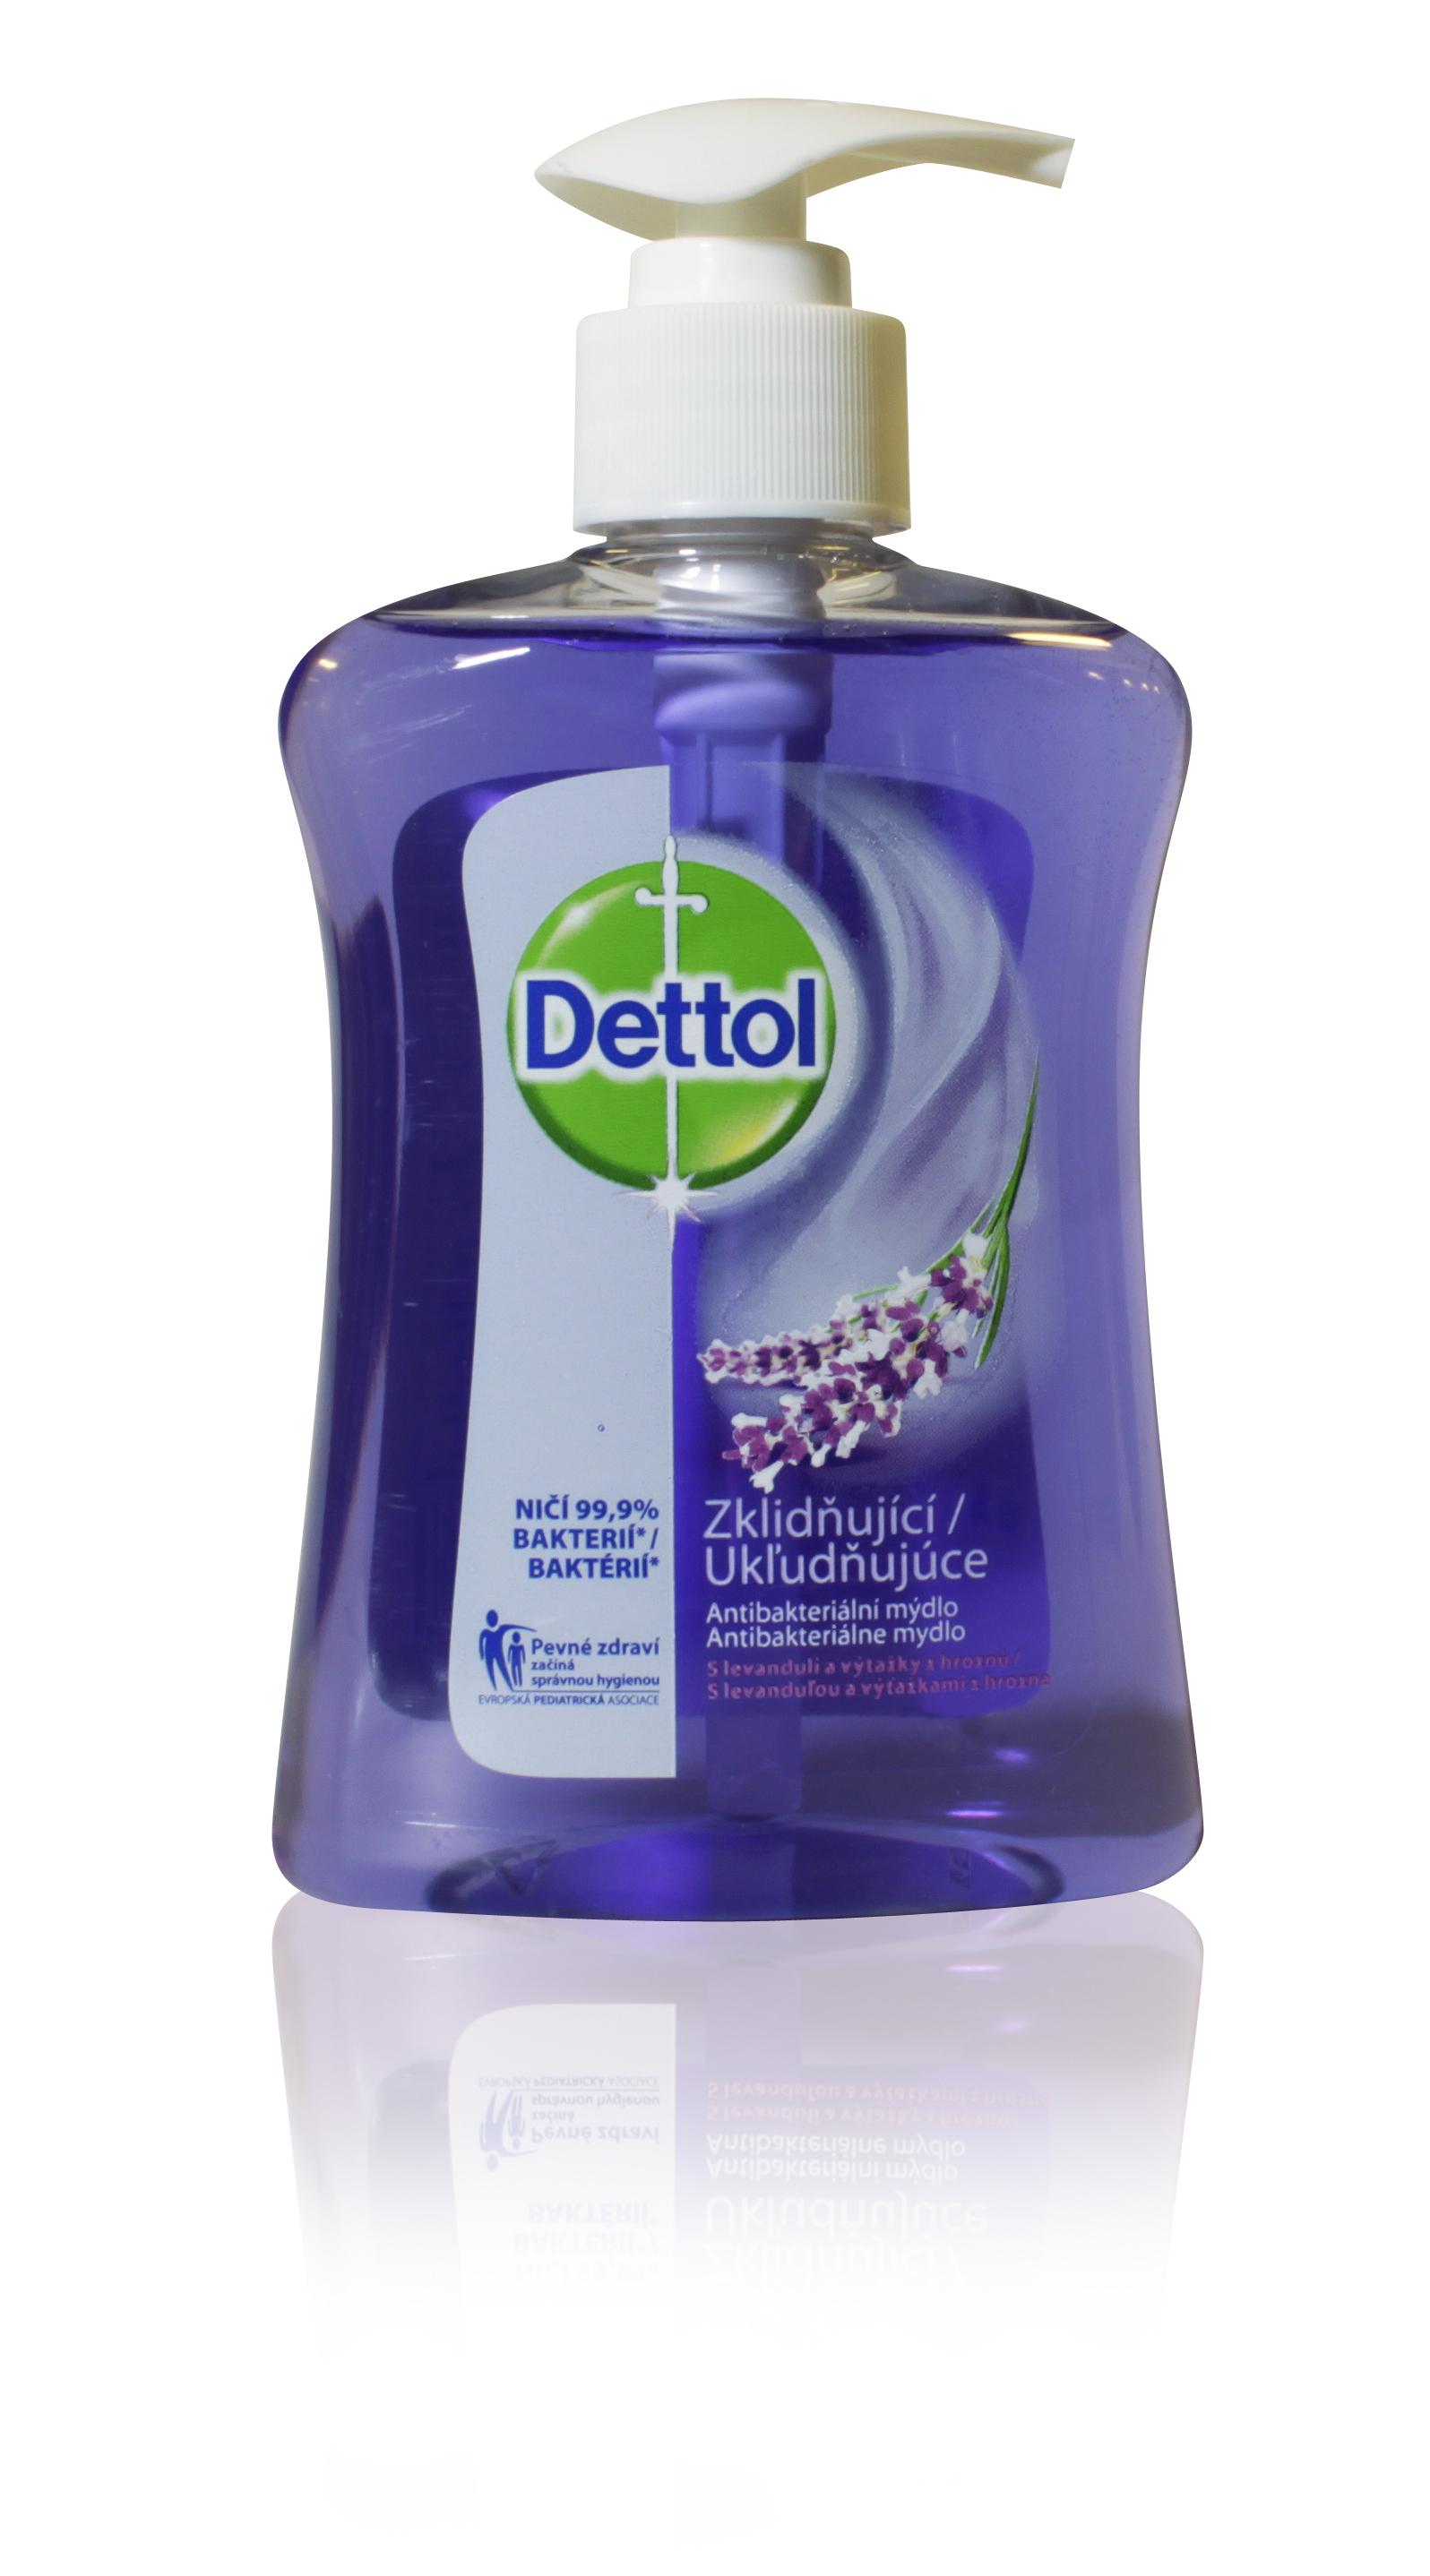 Dettol mýdlo antibakt. zklidňující 250ml